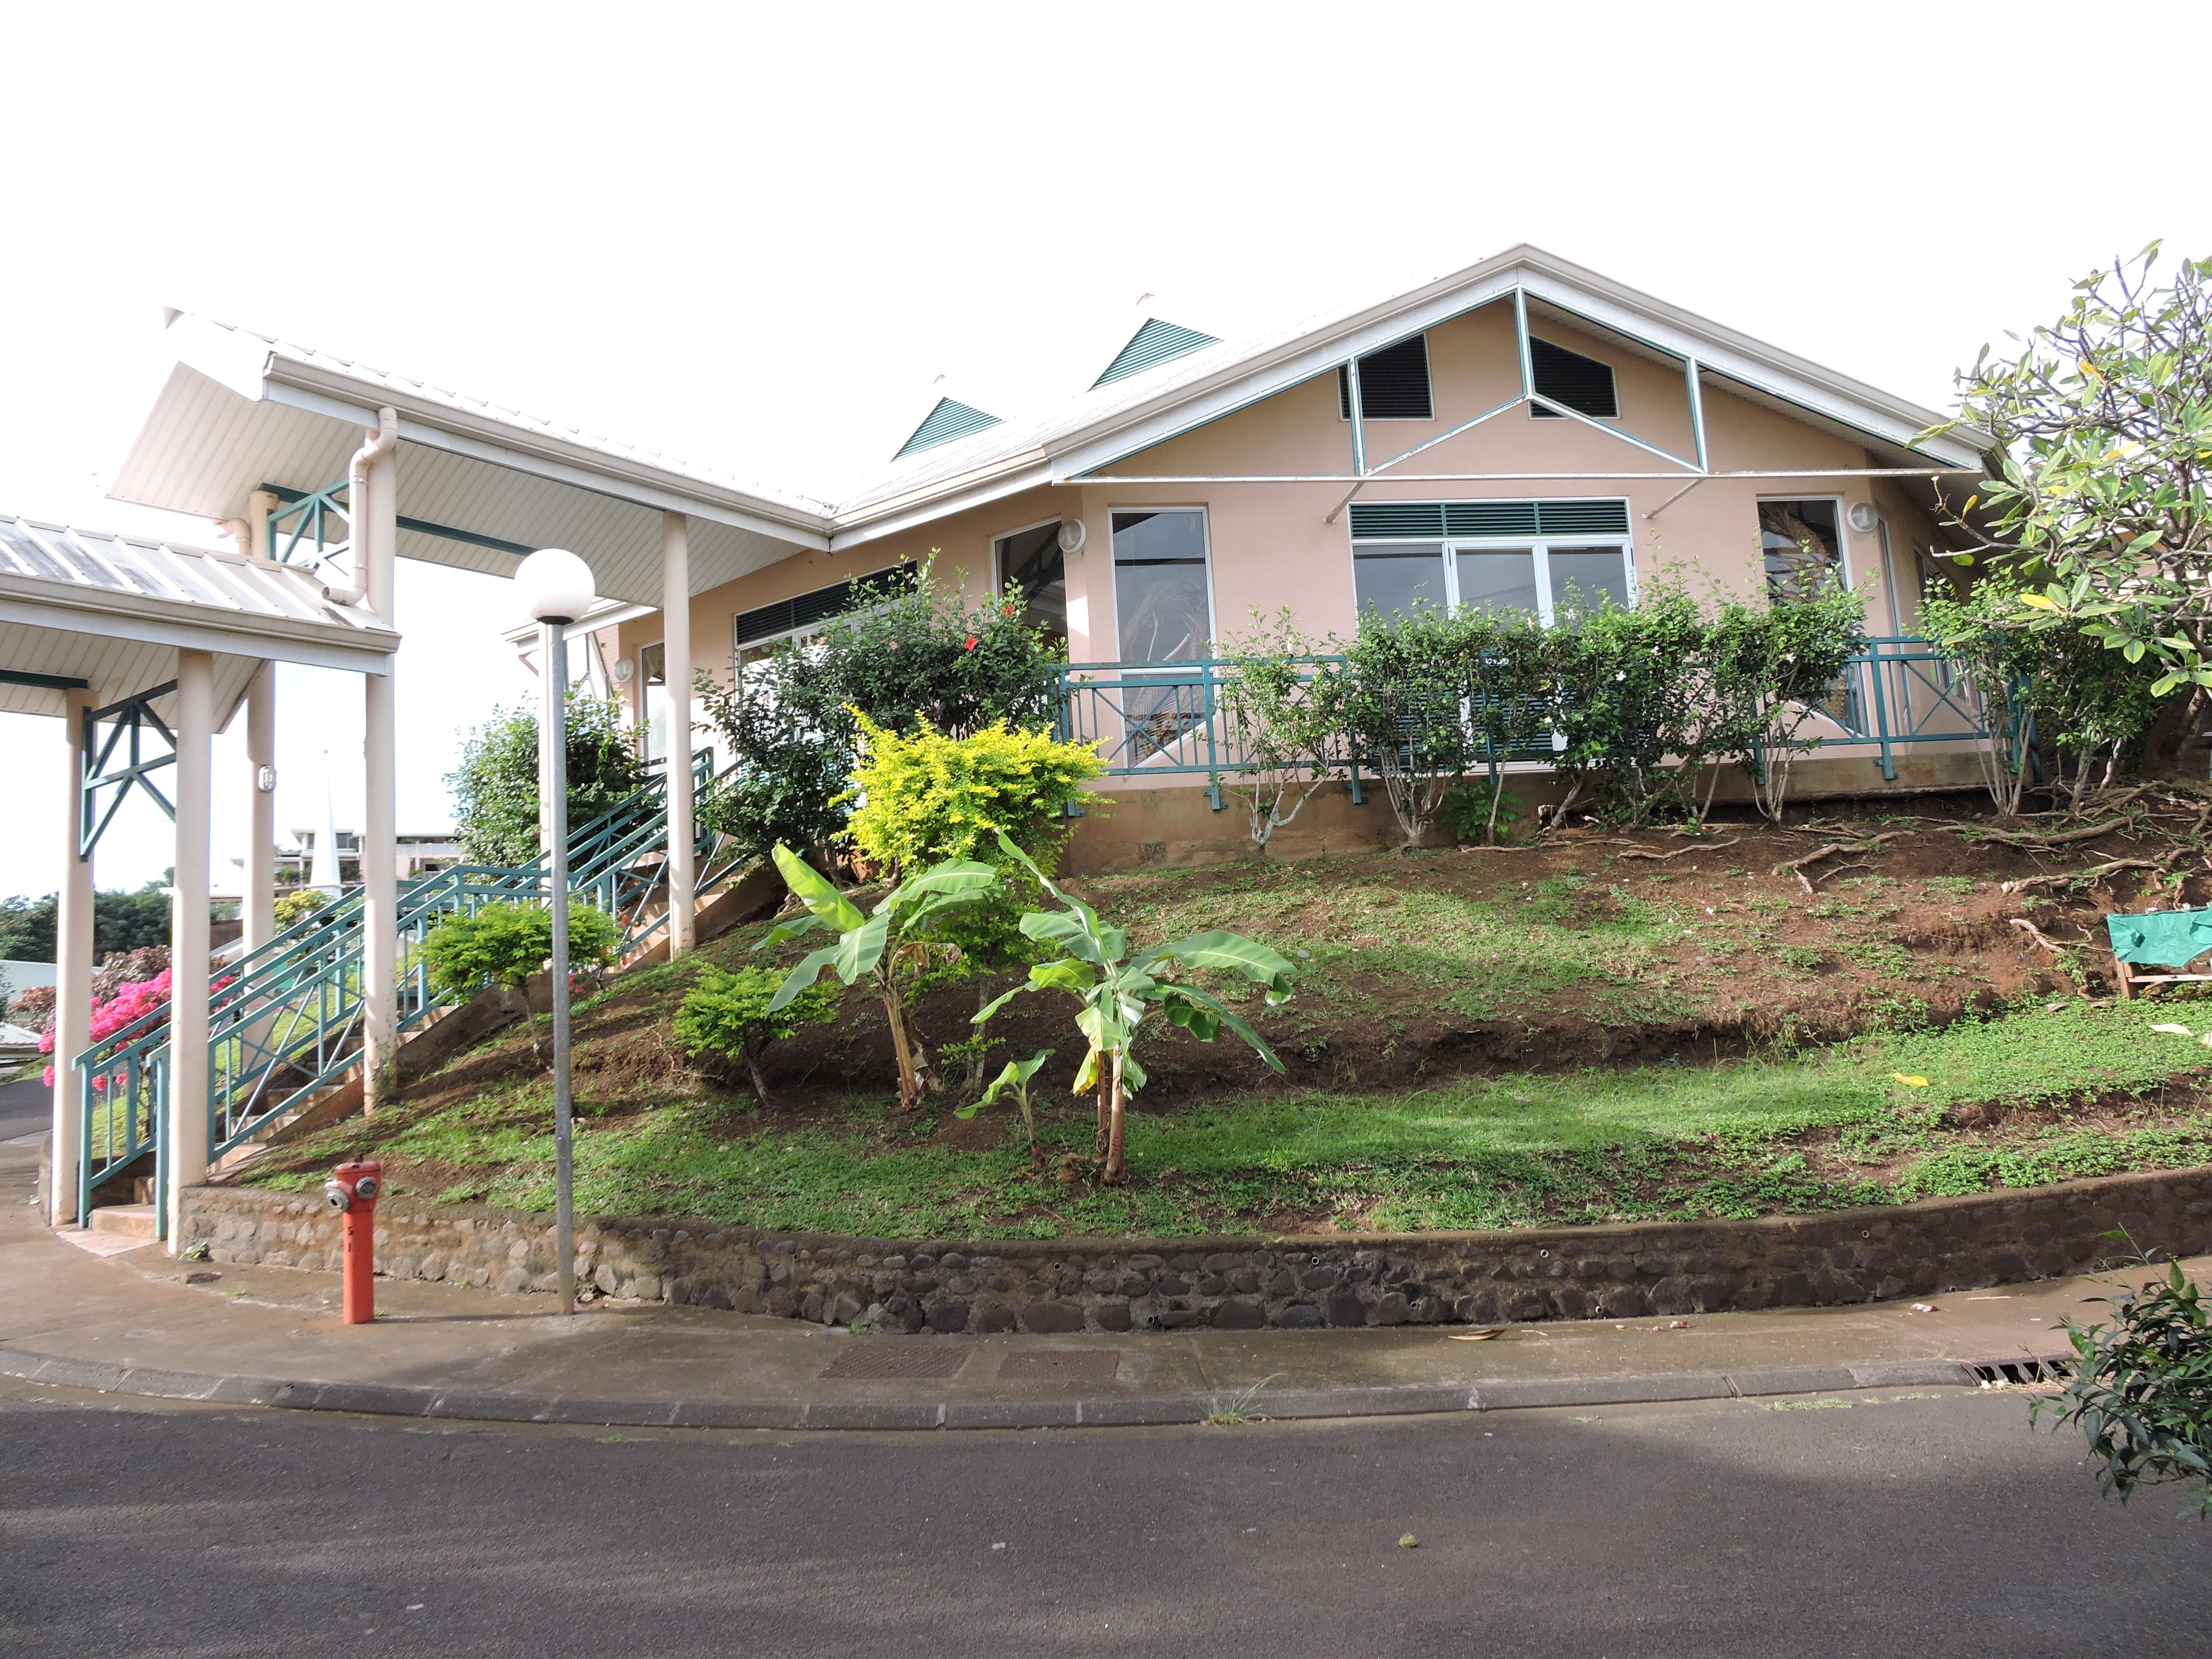 Le foyer d'action éducative existe à Punaauia depuis 1998. C'est le seul de ce type au fenua.